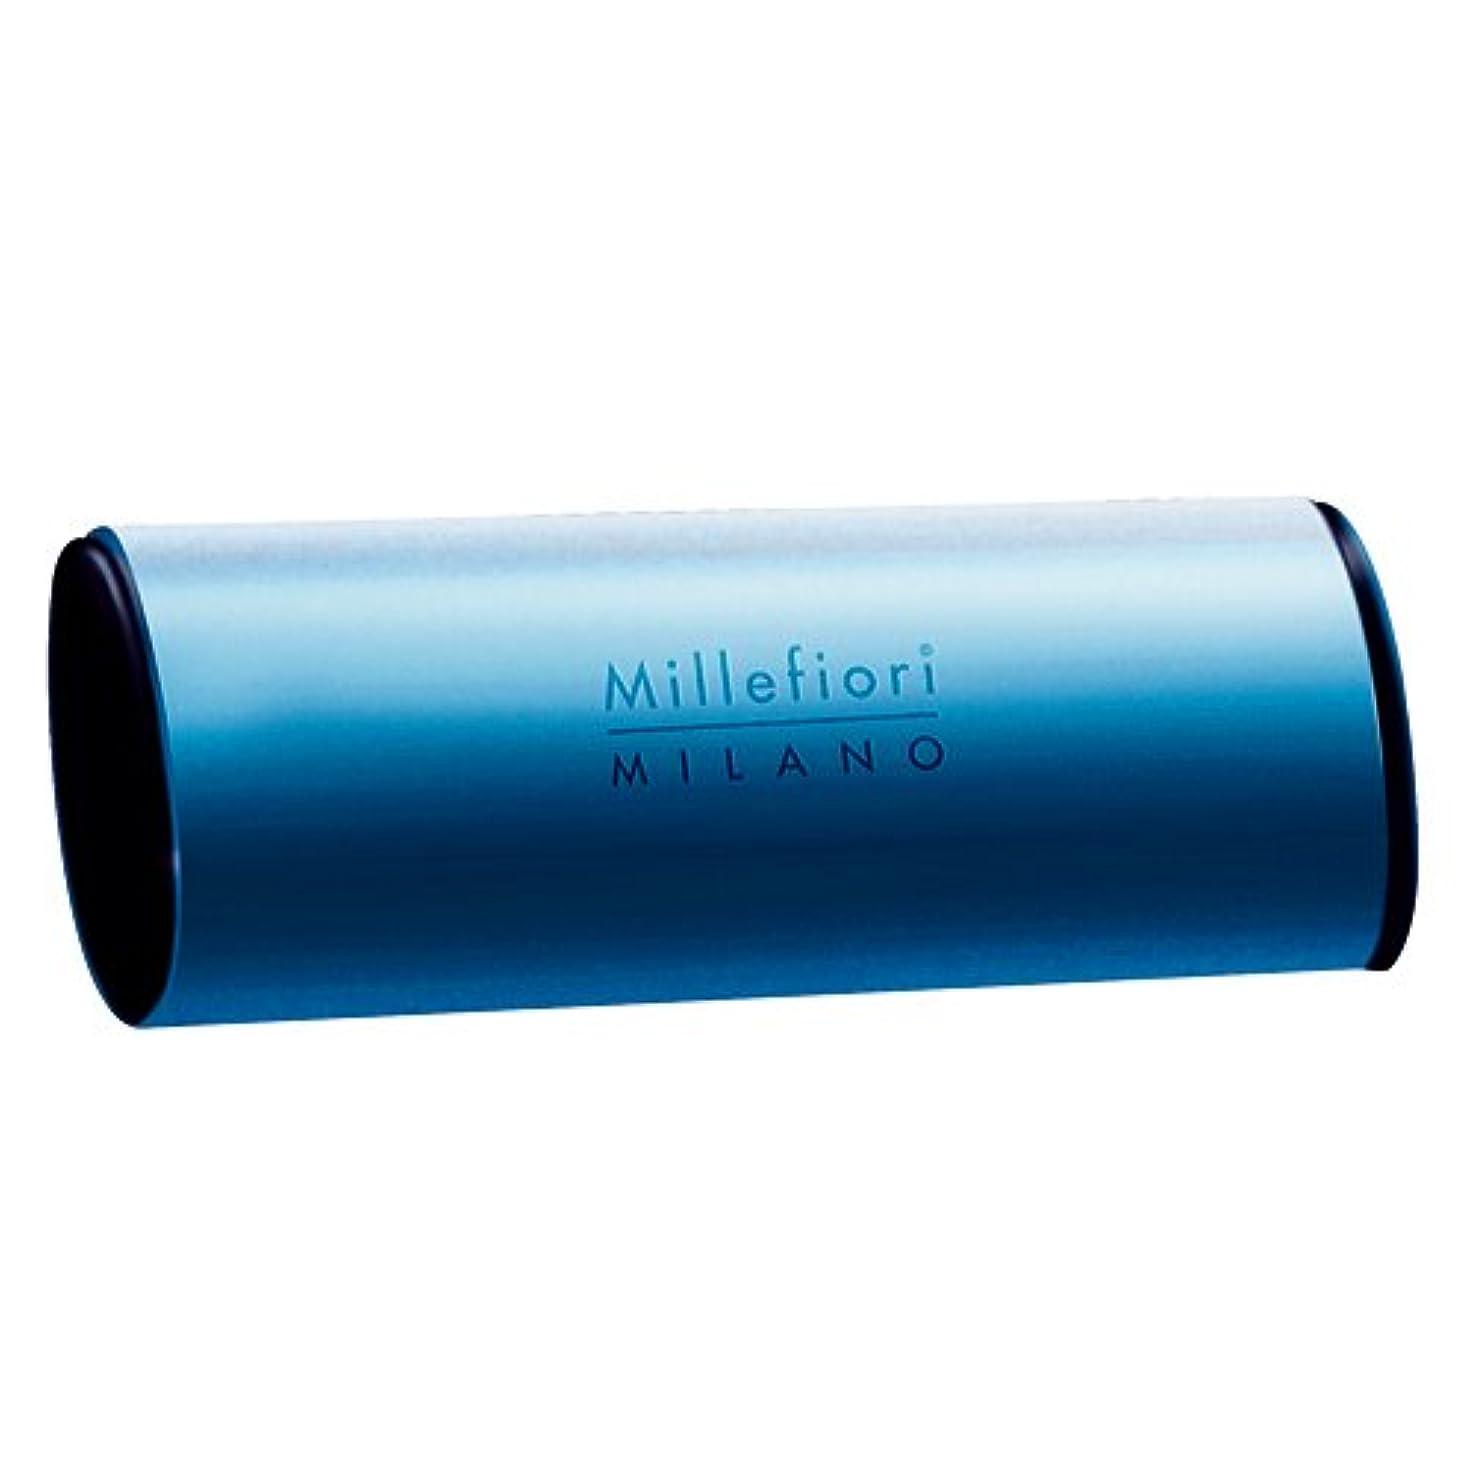 再現する敬意を表して猛烈なMillefiori カーエアーフレッシュナー ブルー スパイシーウッド CDIF-A-006